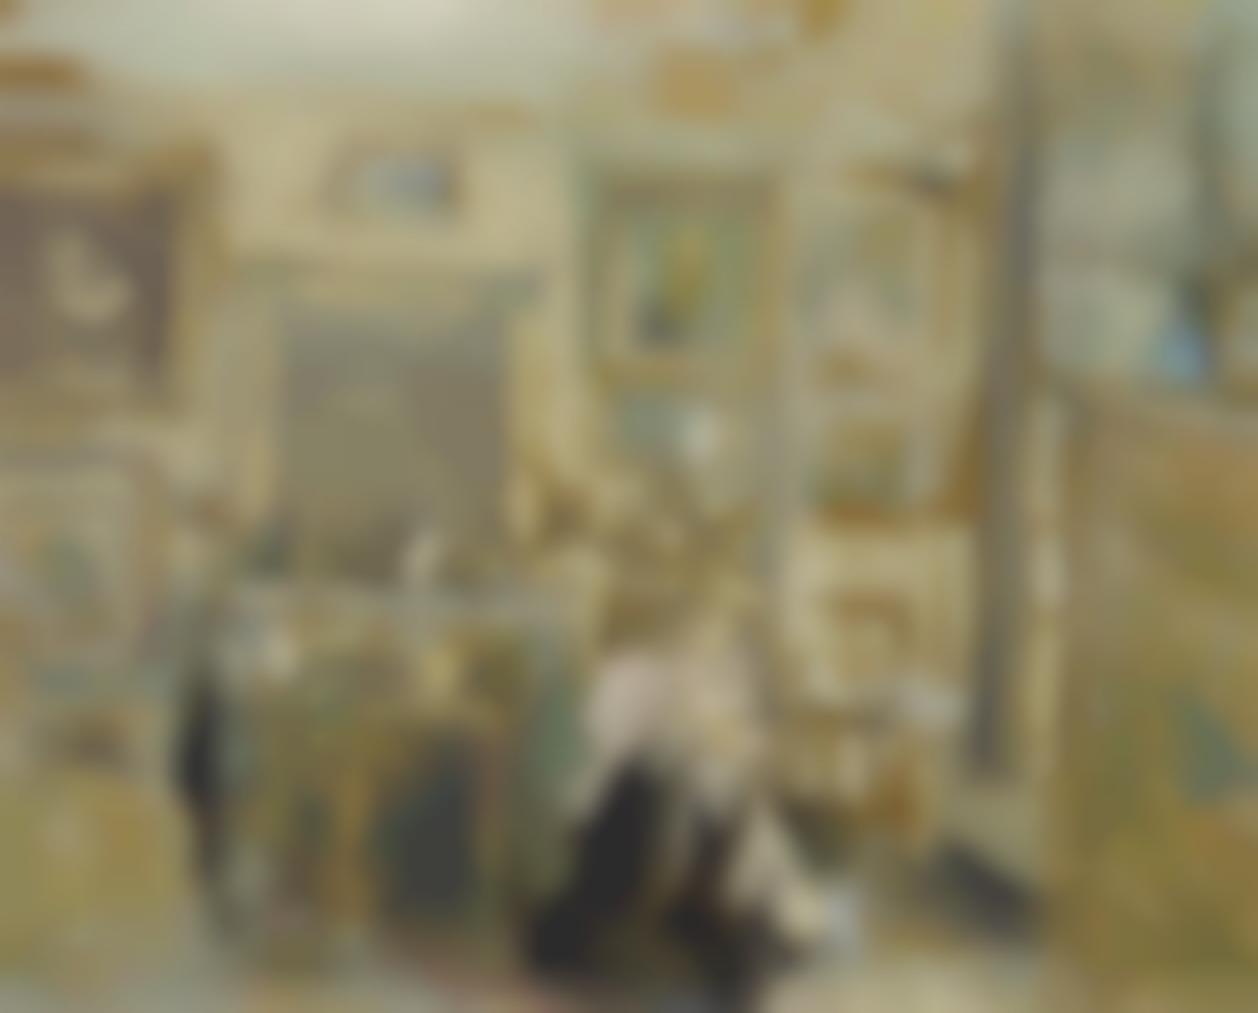 Edouard Vuillard-Femme Assise Dans Un Interieur Clair-1904